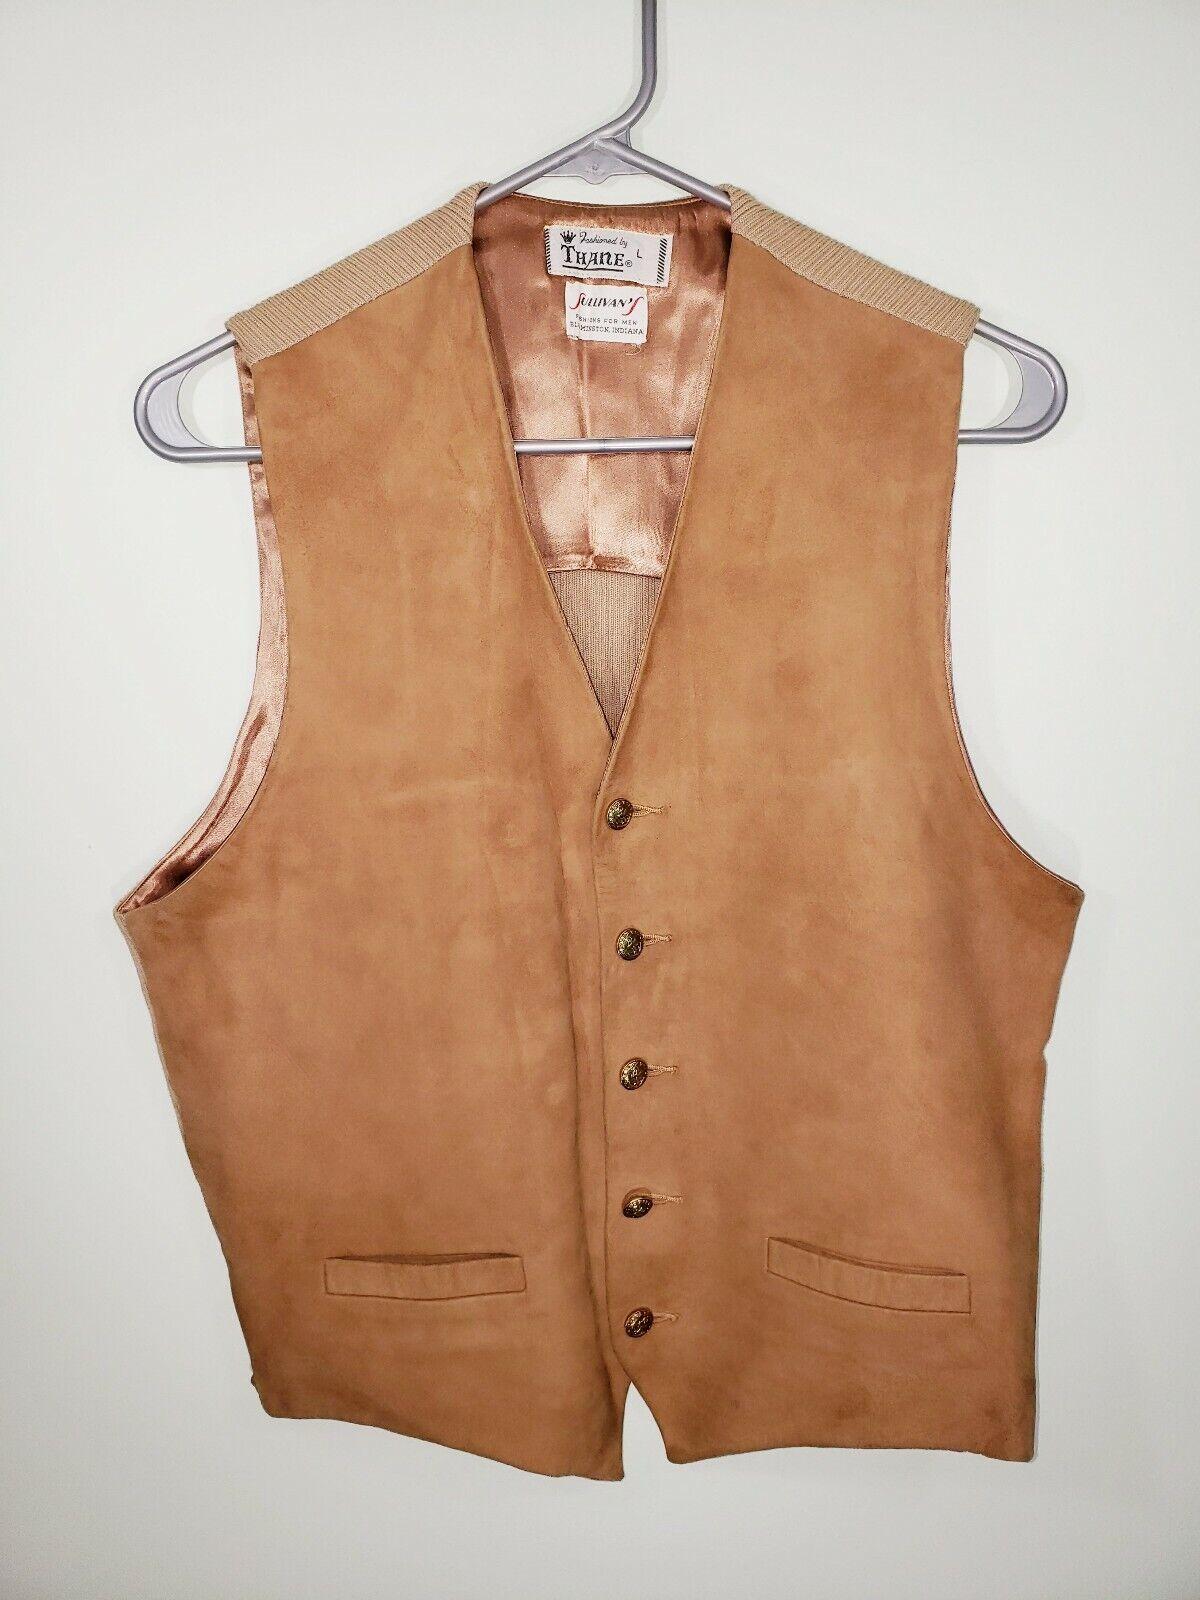 Thane Vintage Circa 1950's Beige Tan herren Größe L Suede Vest Retro Gold ButtonEUC